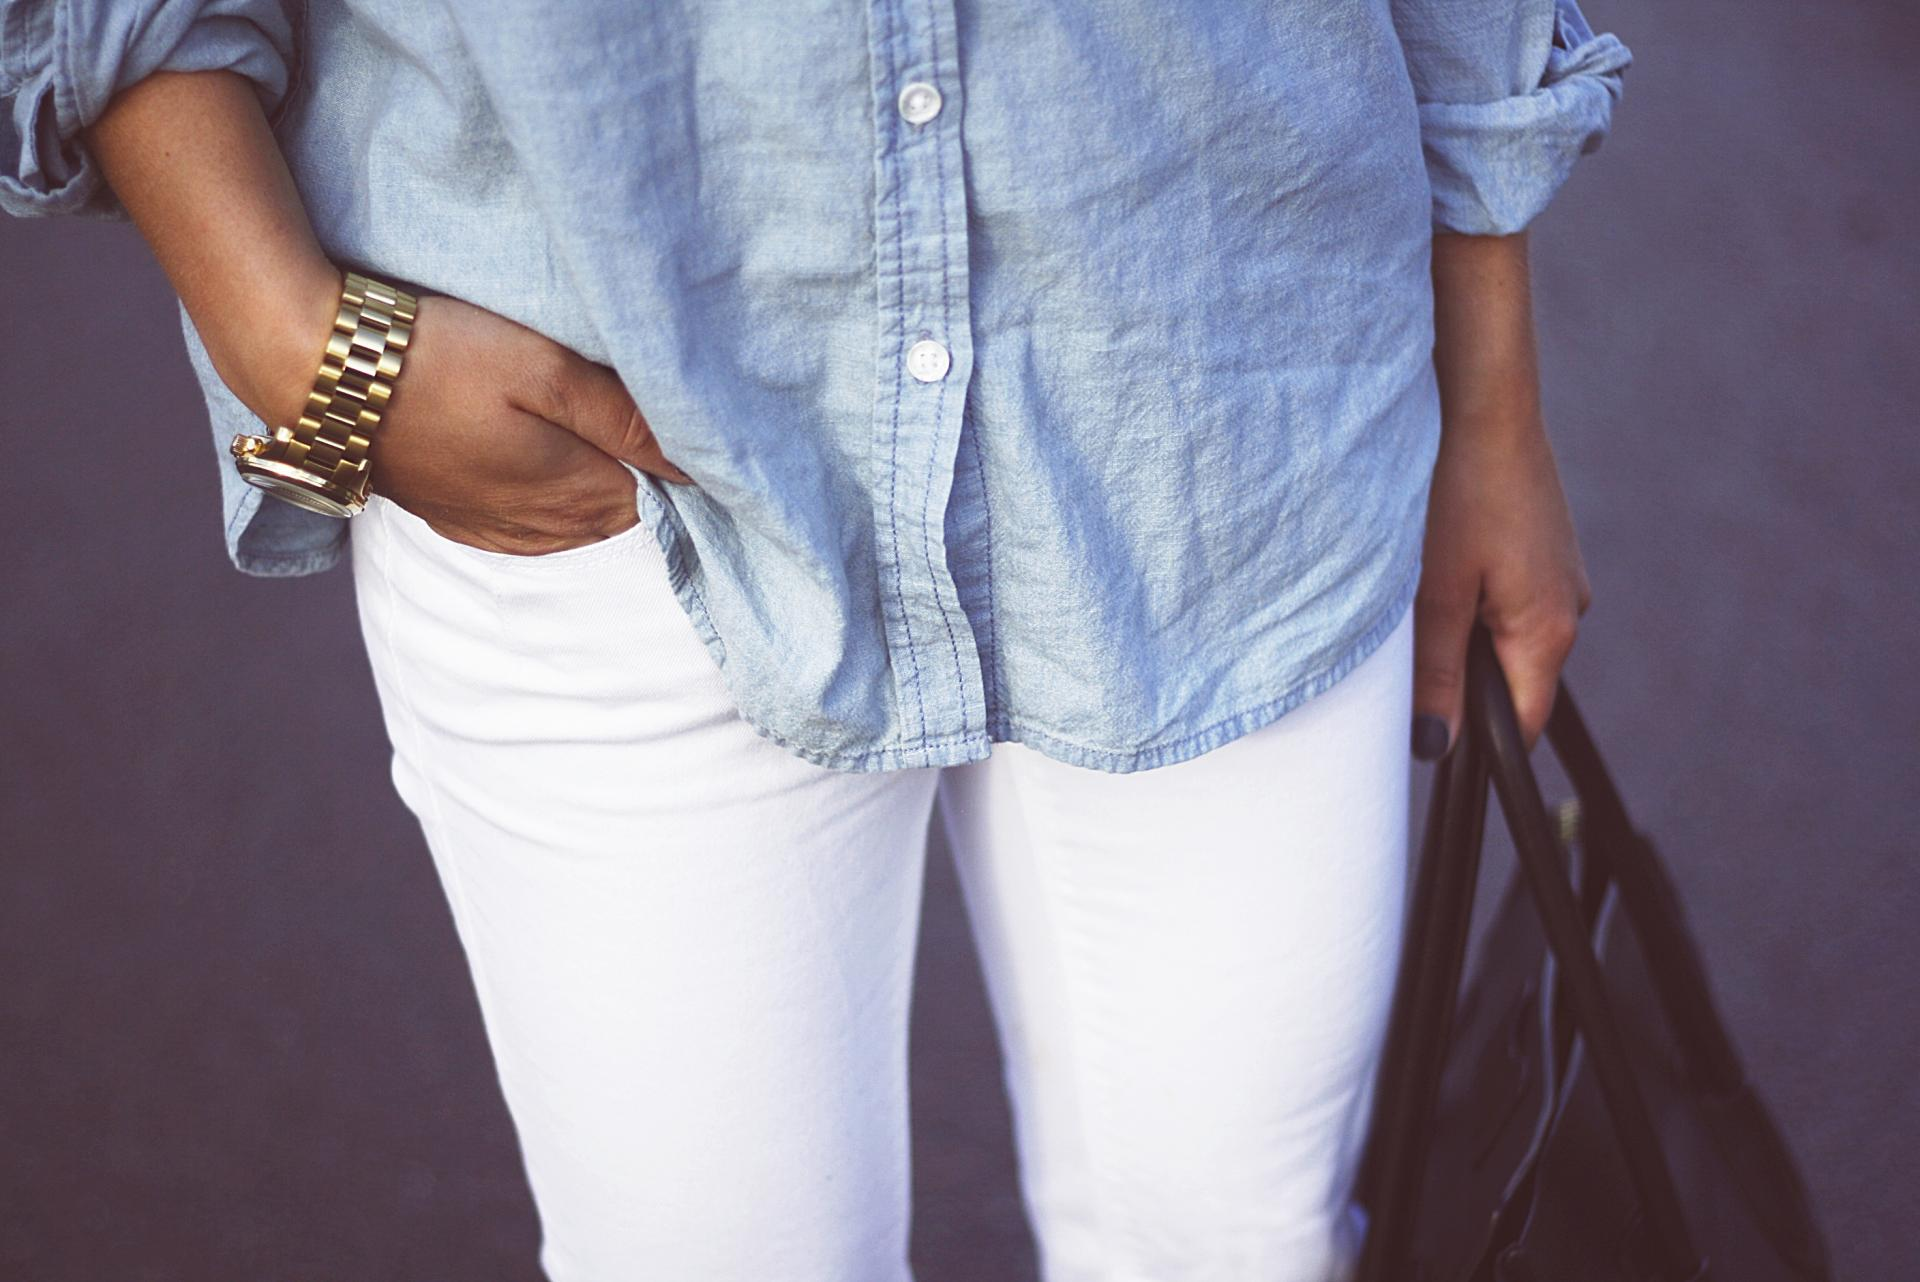 Рубаха и штаны